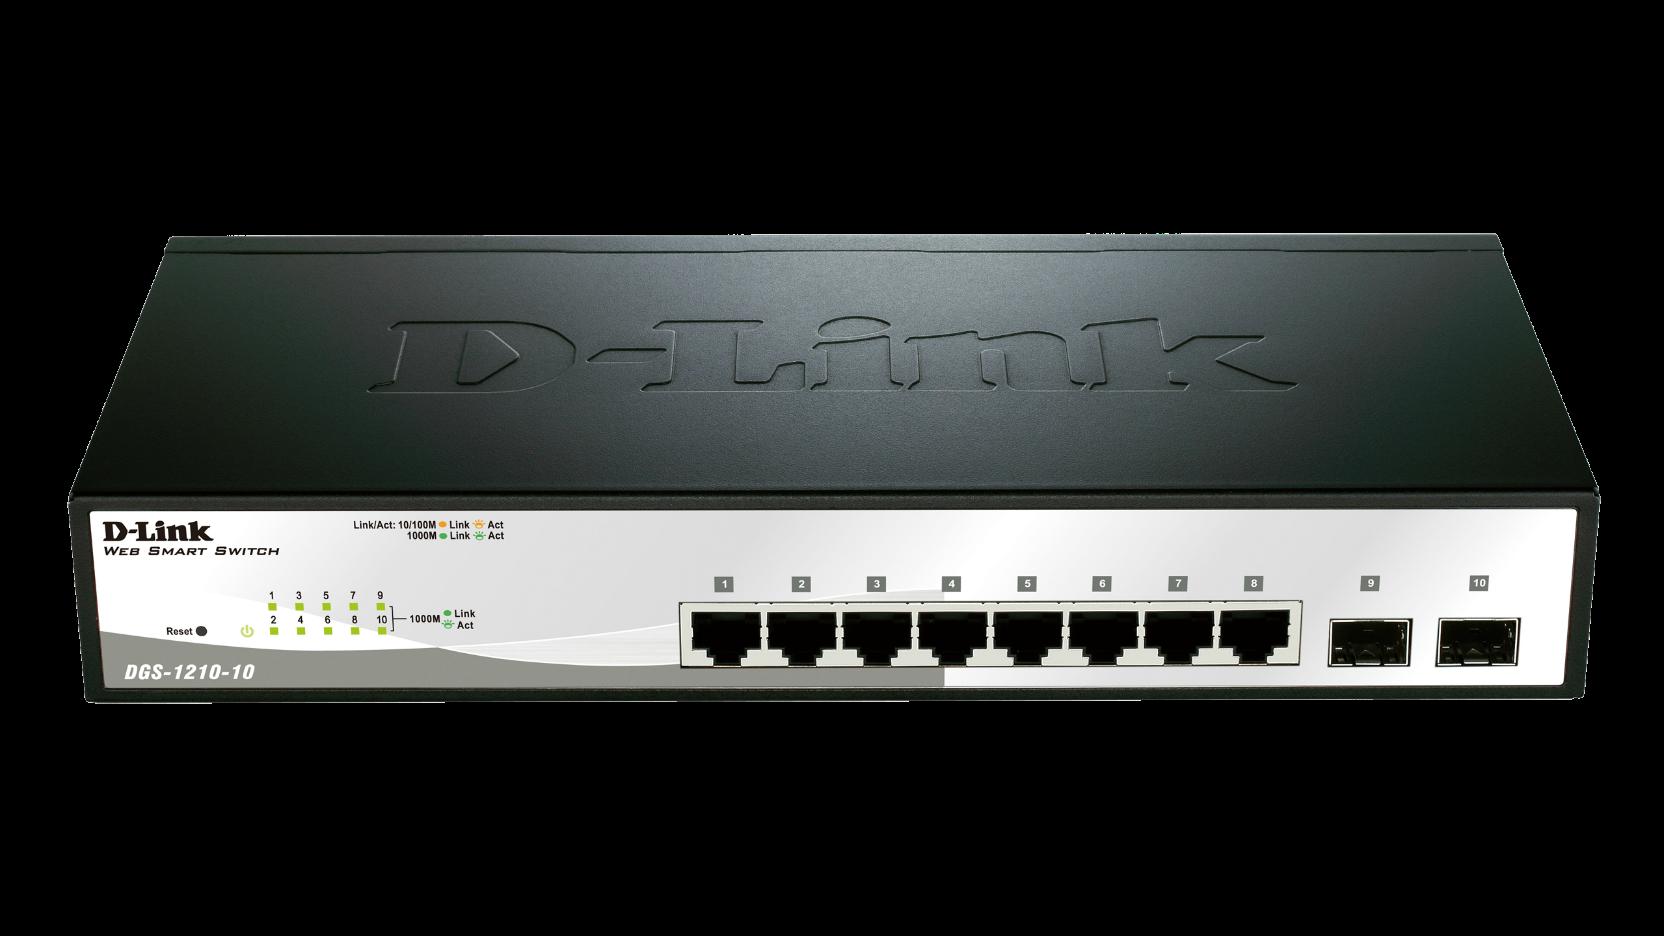 D-Link DGS-1210-10 10 Port Gigabit Smart Switch (DGS-1210-10)